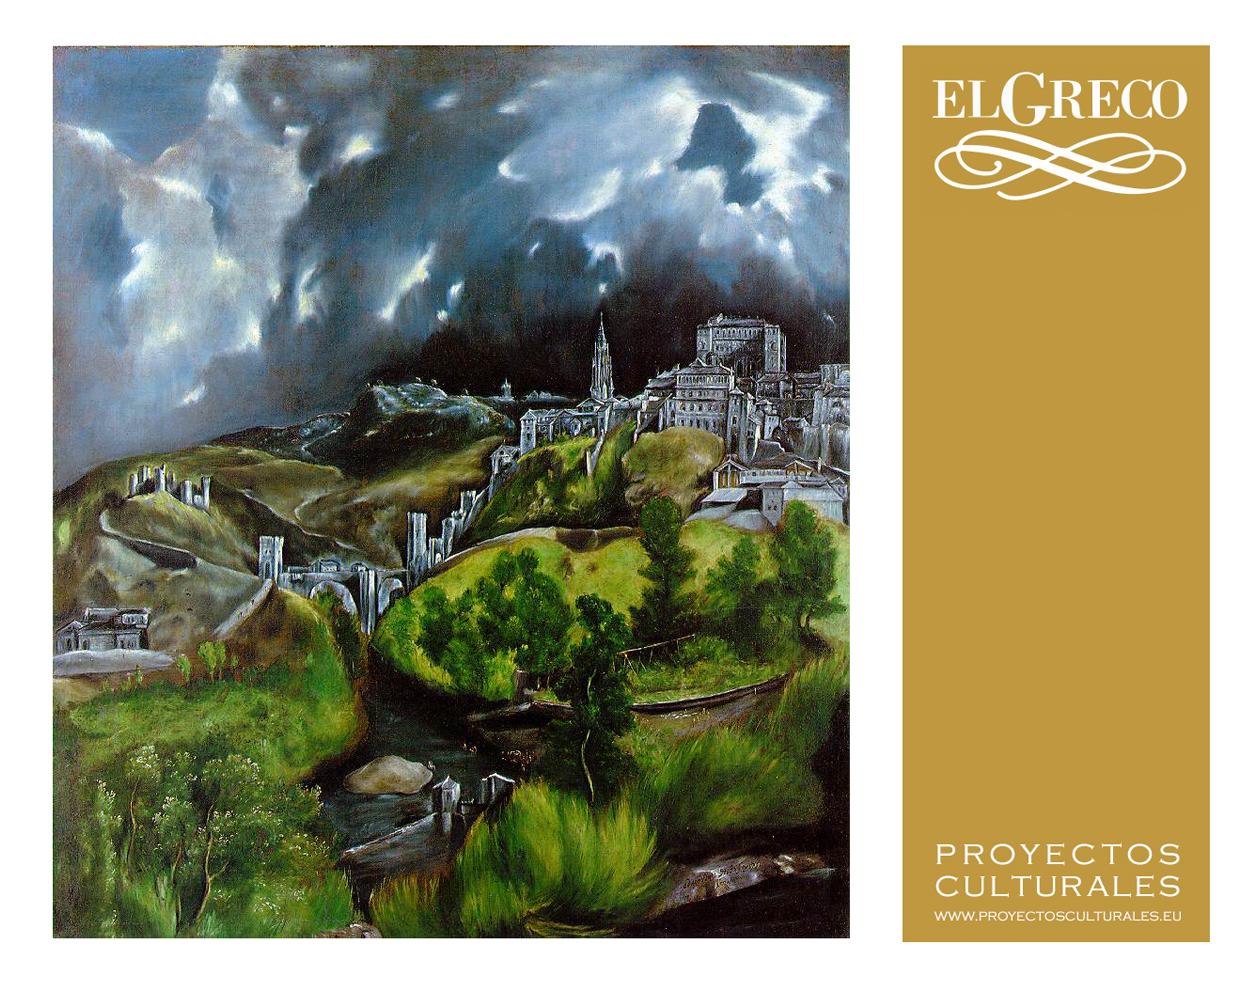 Bienvenido 2014, bienvenido Año Greco | Proyectos Culturales